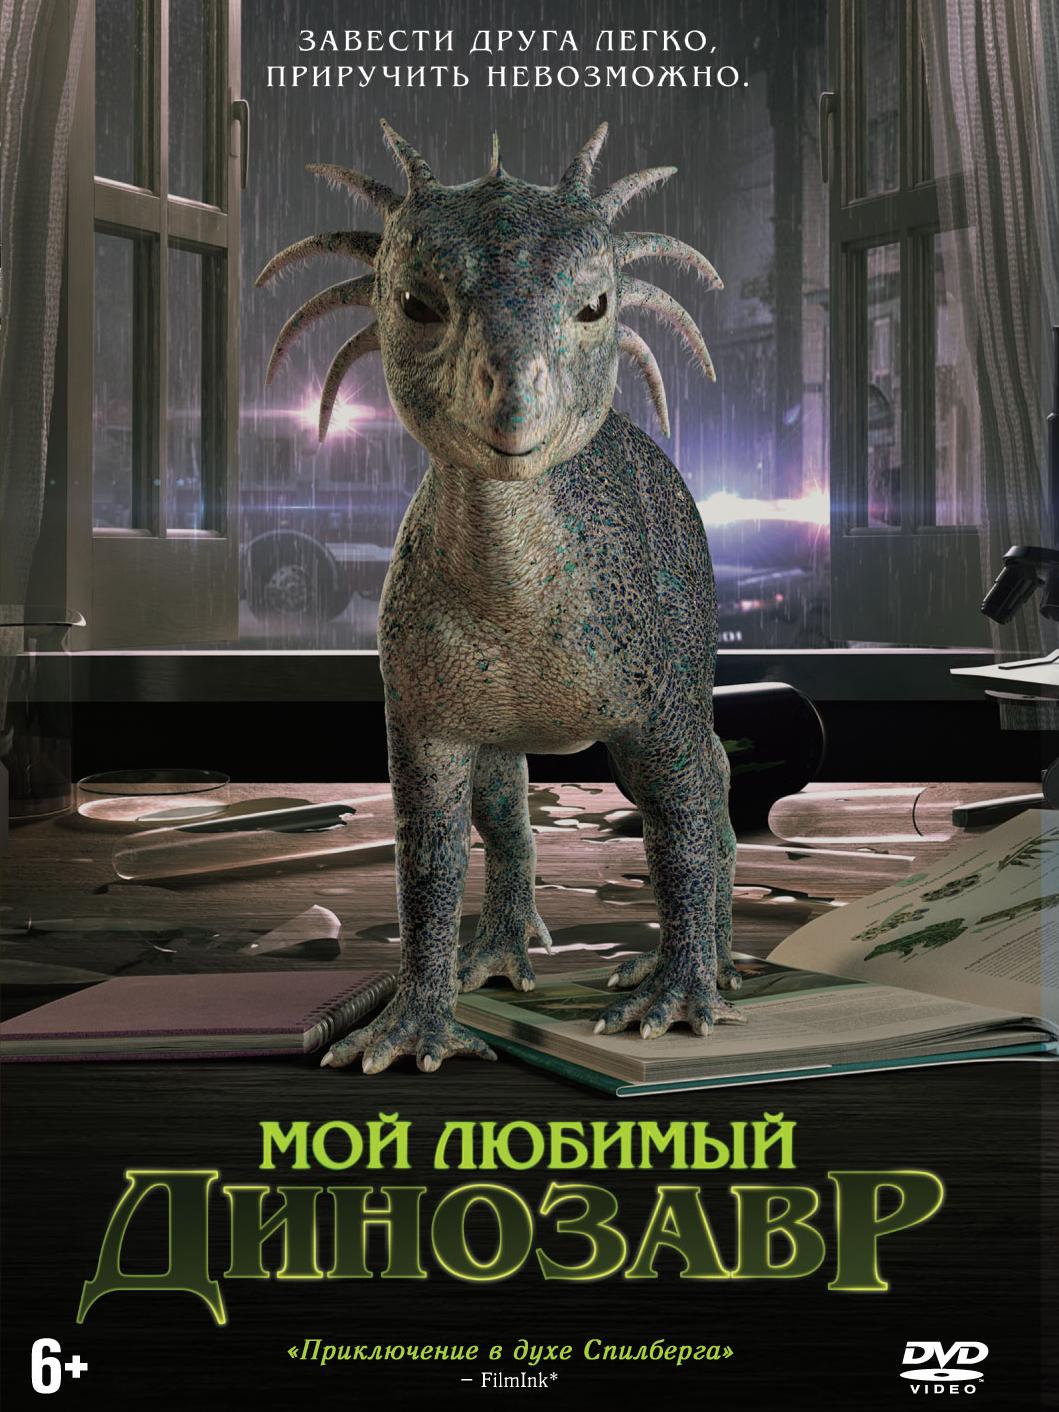 Мой любимый динозавр брусчатка в нижнем новгороде недалеко от аэропорта